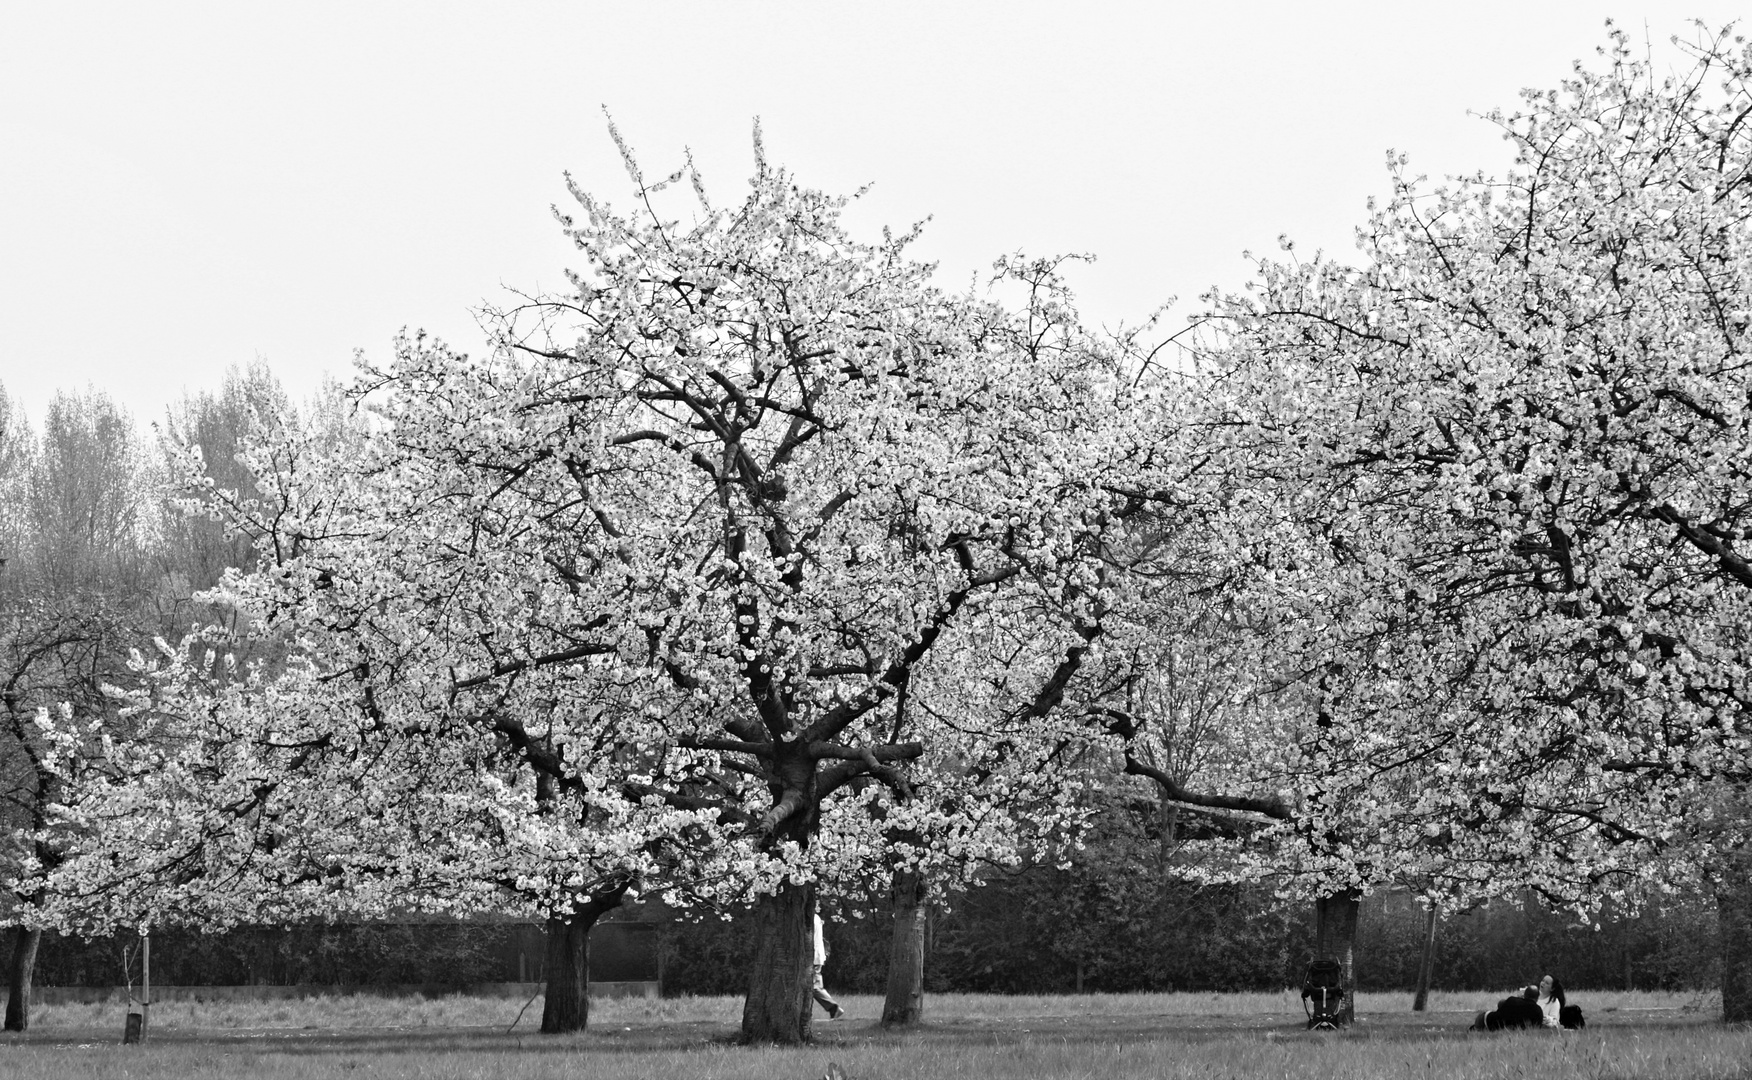 Pankow bärlauch volkspark botanischer Way History: